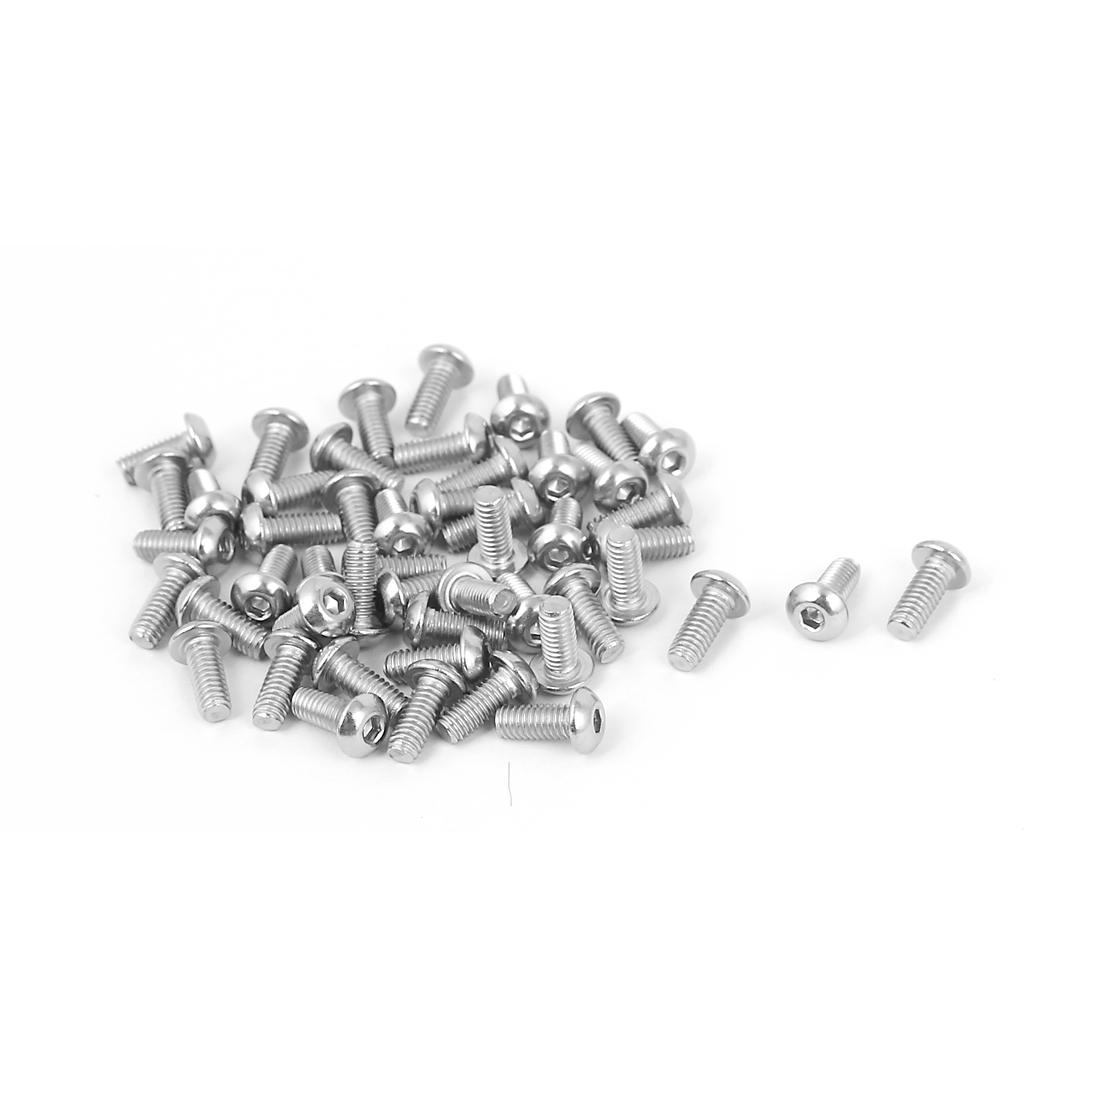 M2.5 x 6mm Full Thread Button Head Socket Cap Screw Silver Tone 50 Pcs